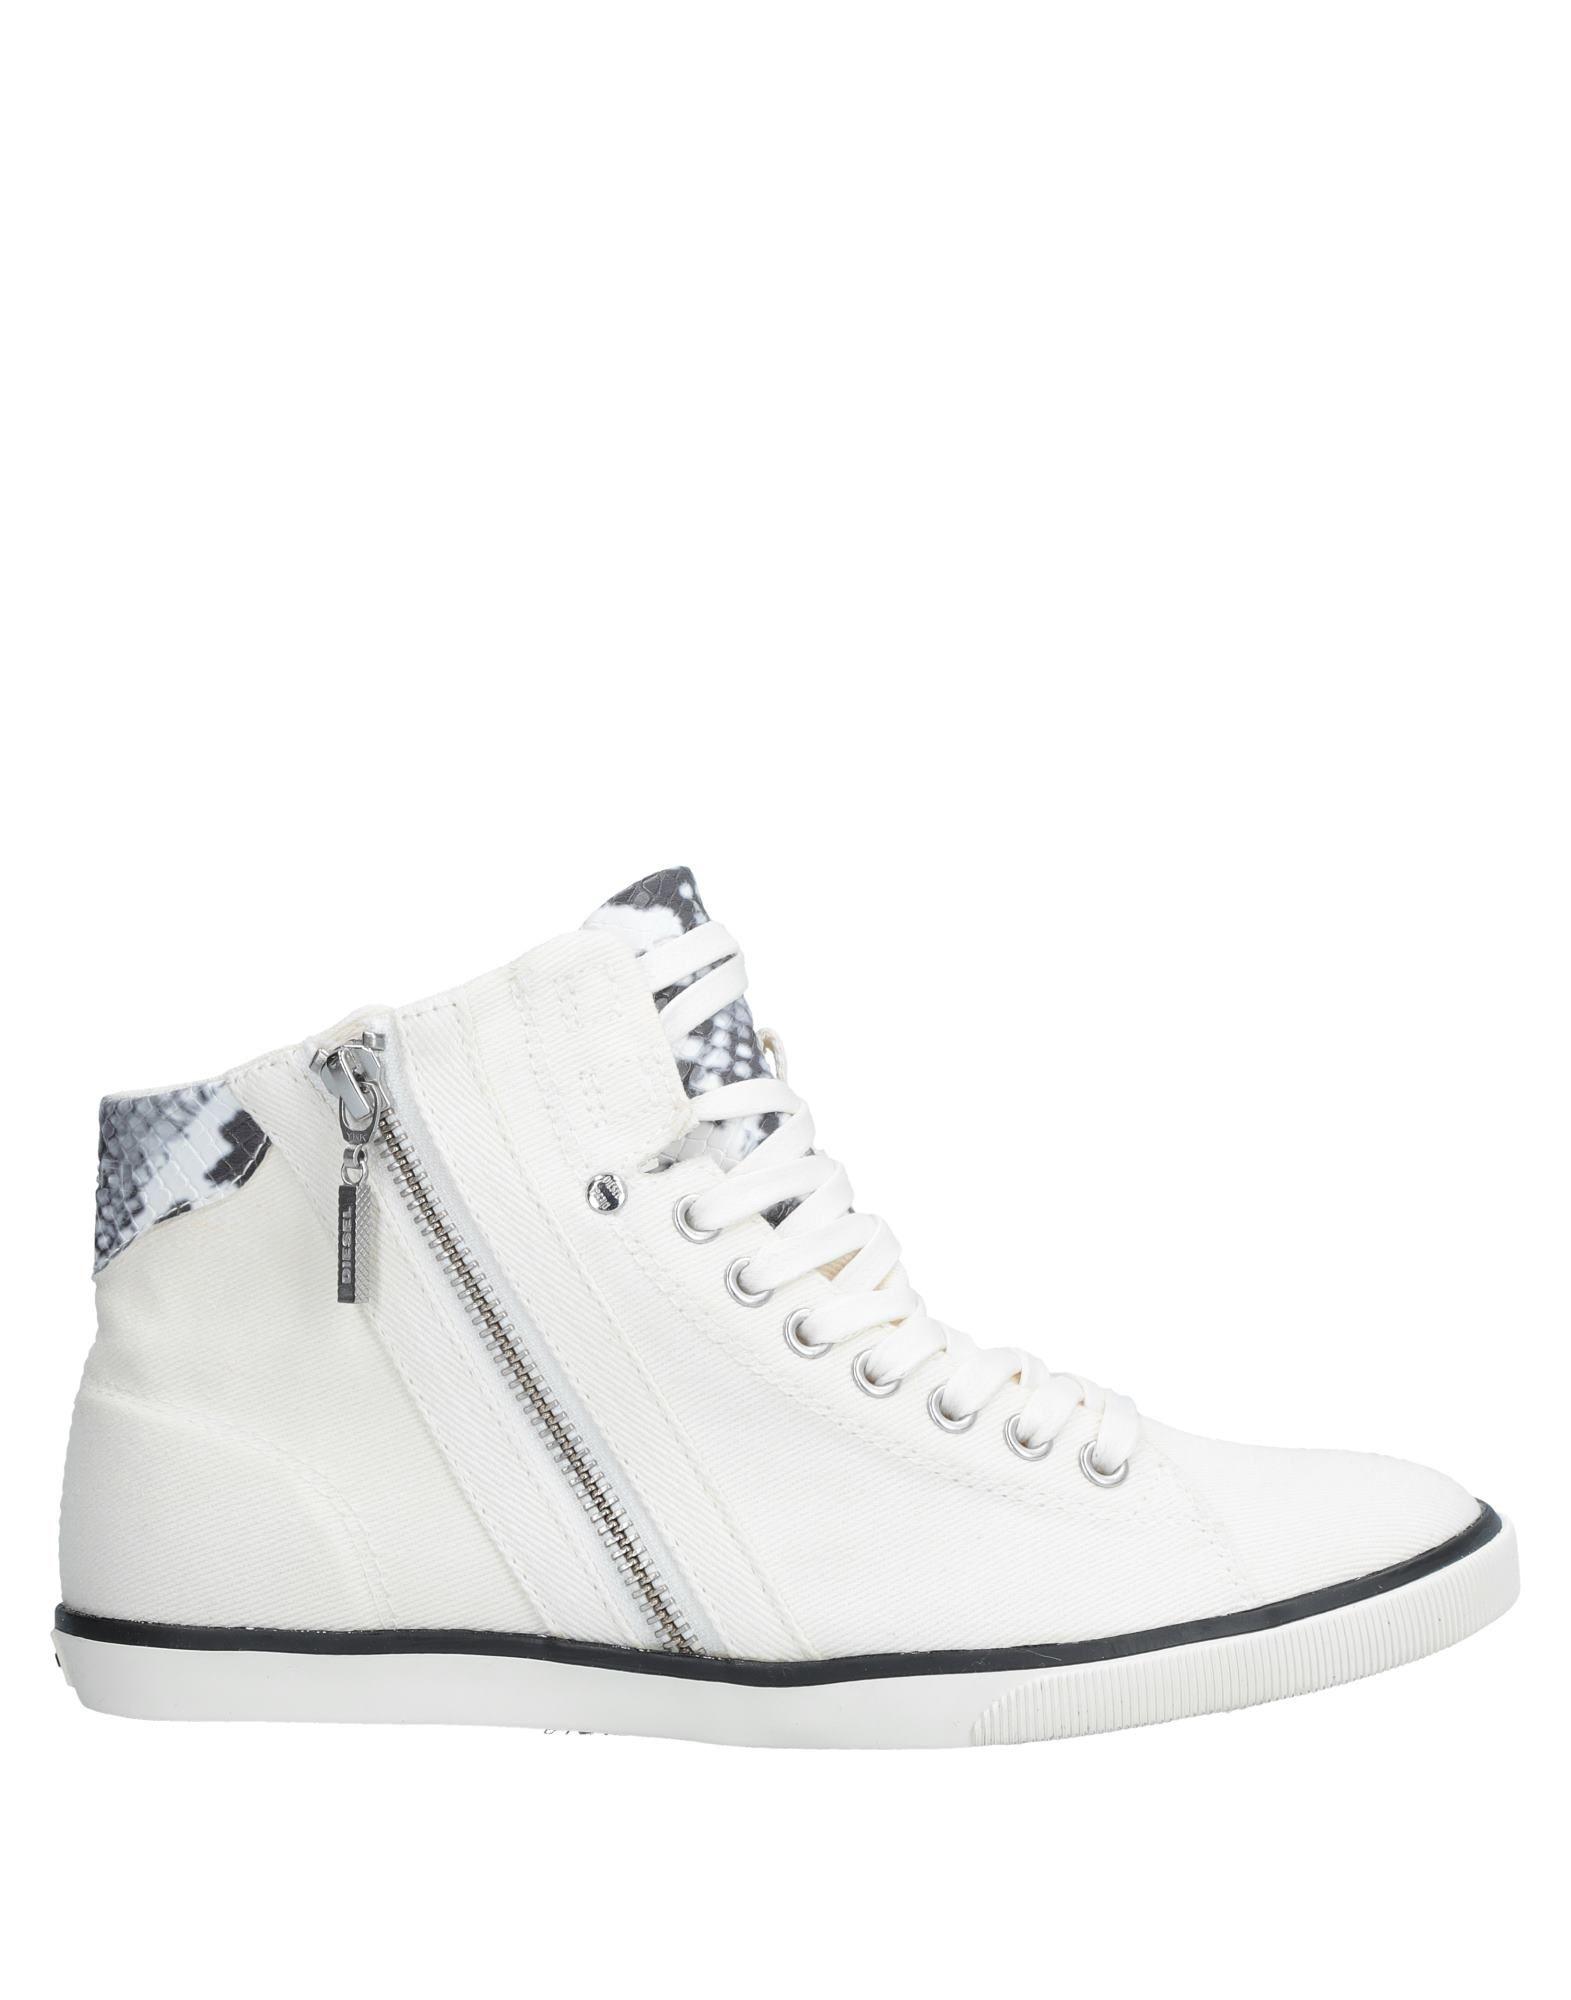 Sneakers Diesel Donna - 11536340CN Scarpe economiche e buone